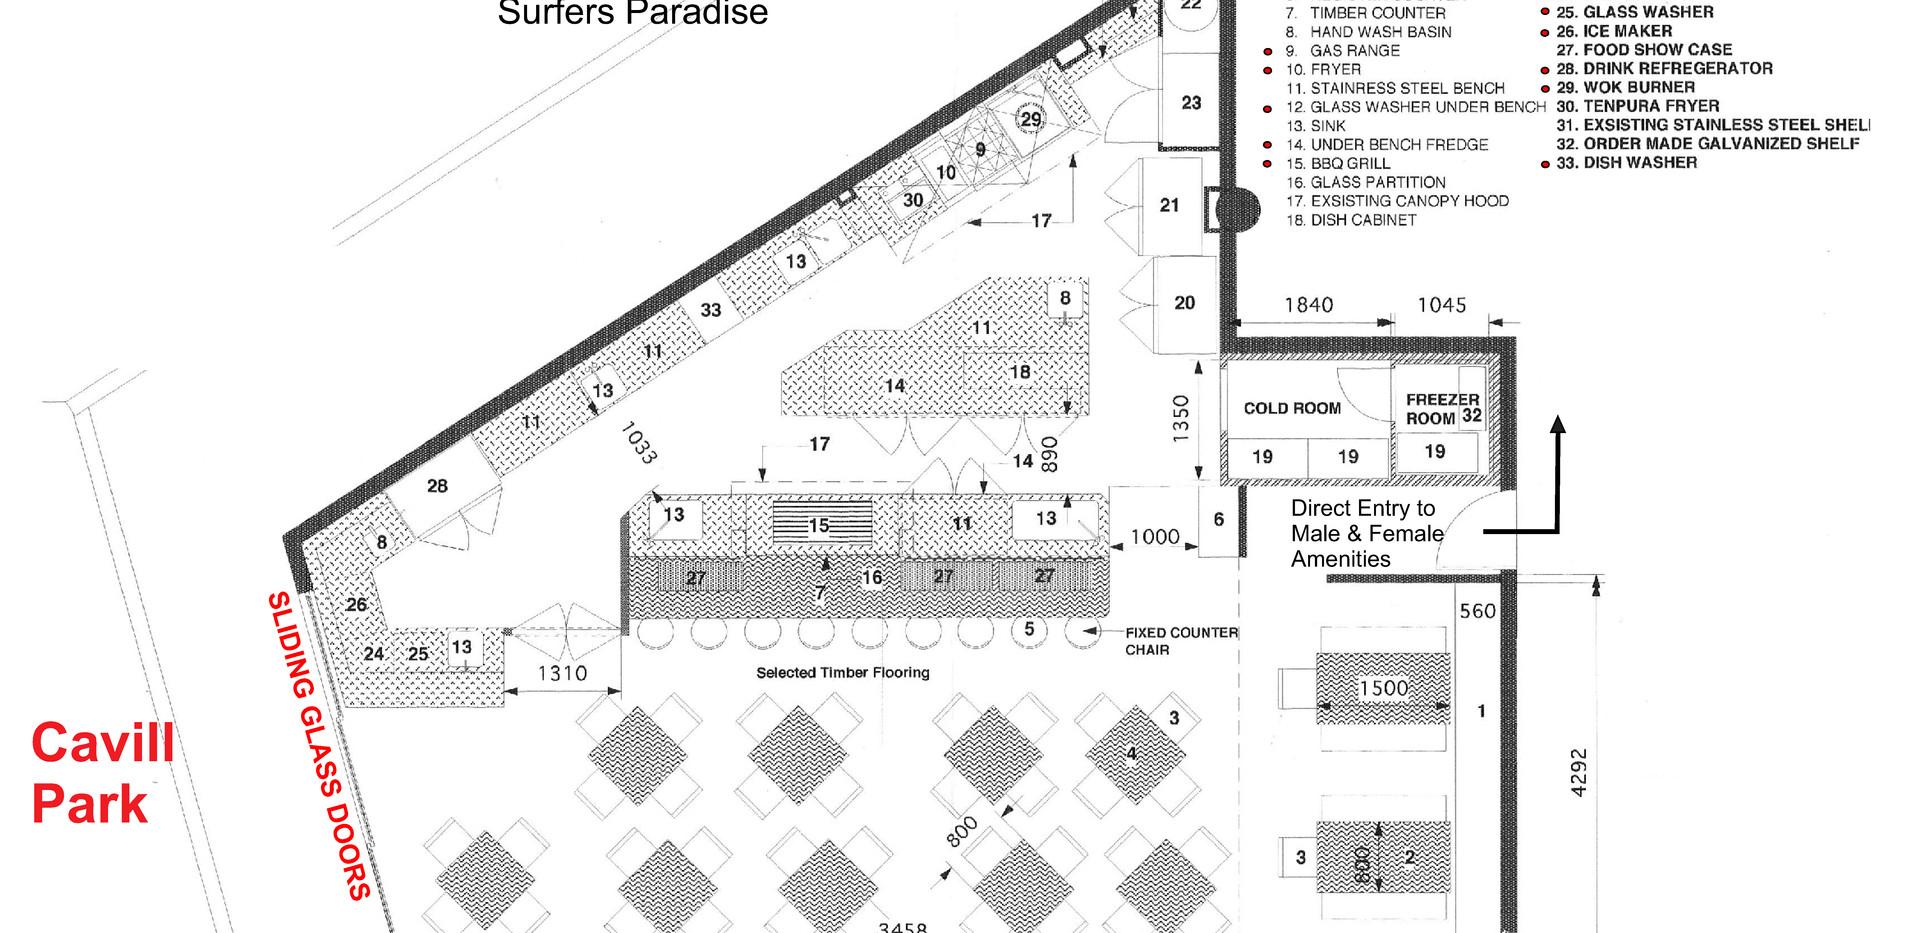 Lot 19 Floor Plan .jpg